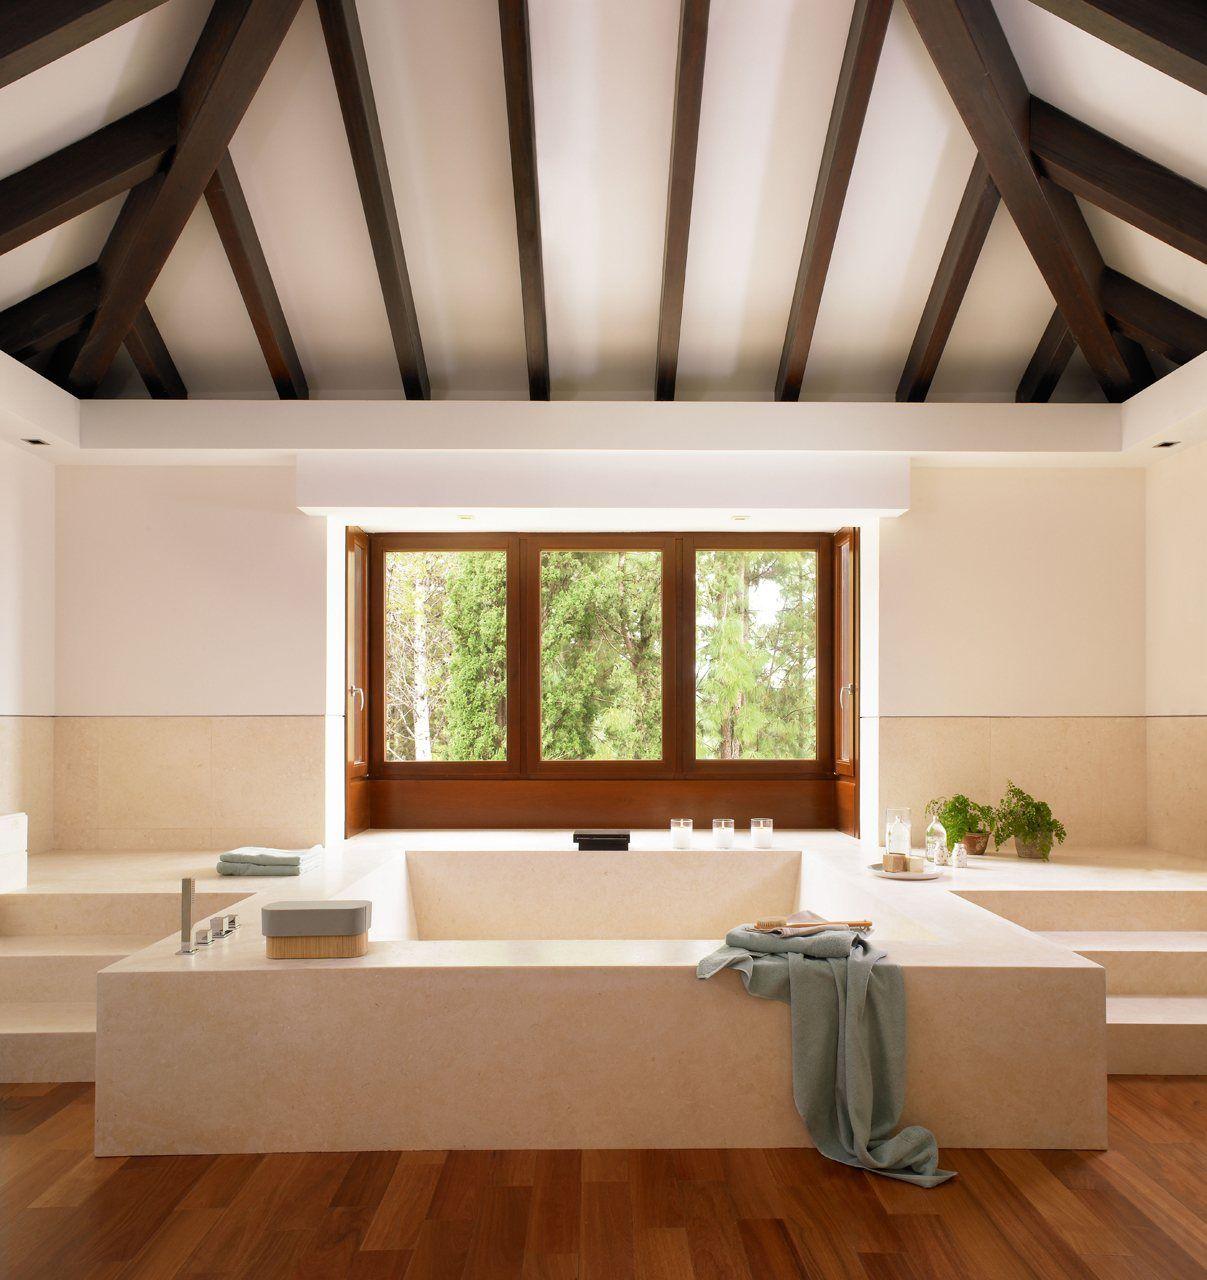 Un baño perfecto para relajarse   Décoration intérieure ...